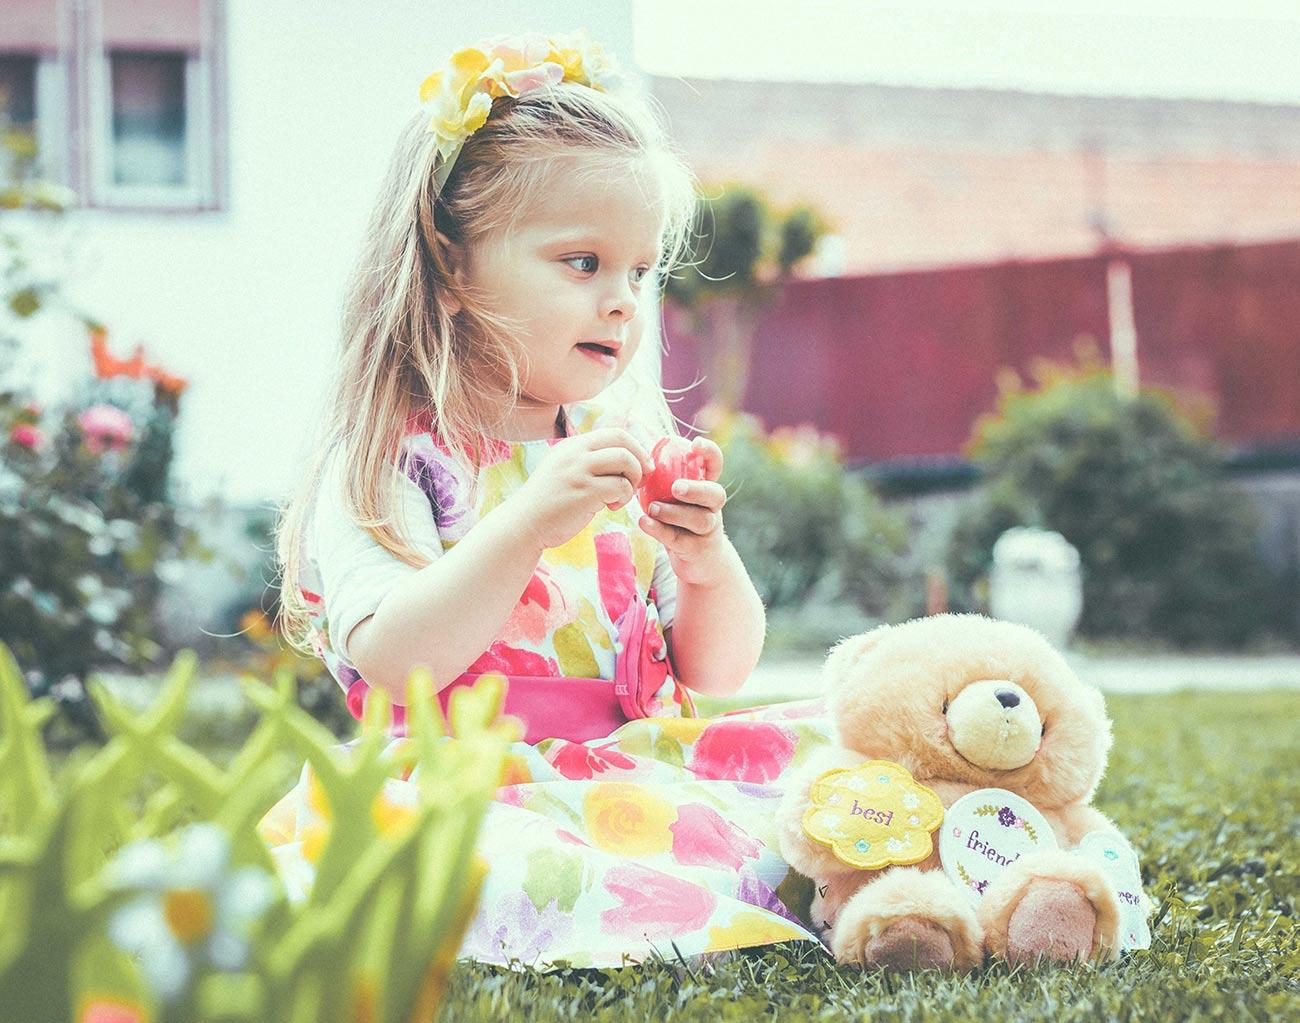 Toddler-Photography_Cristina6